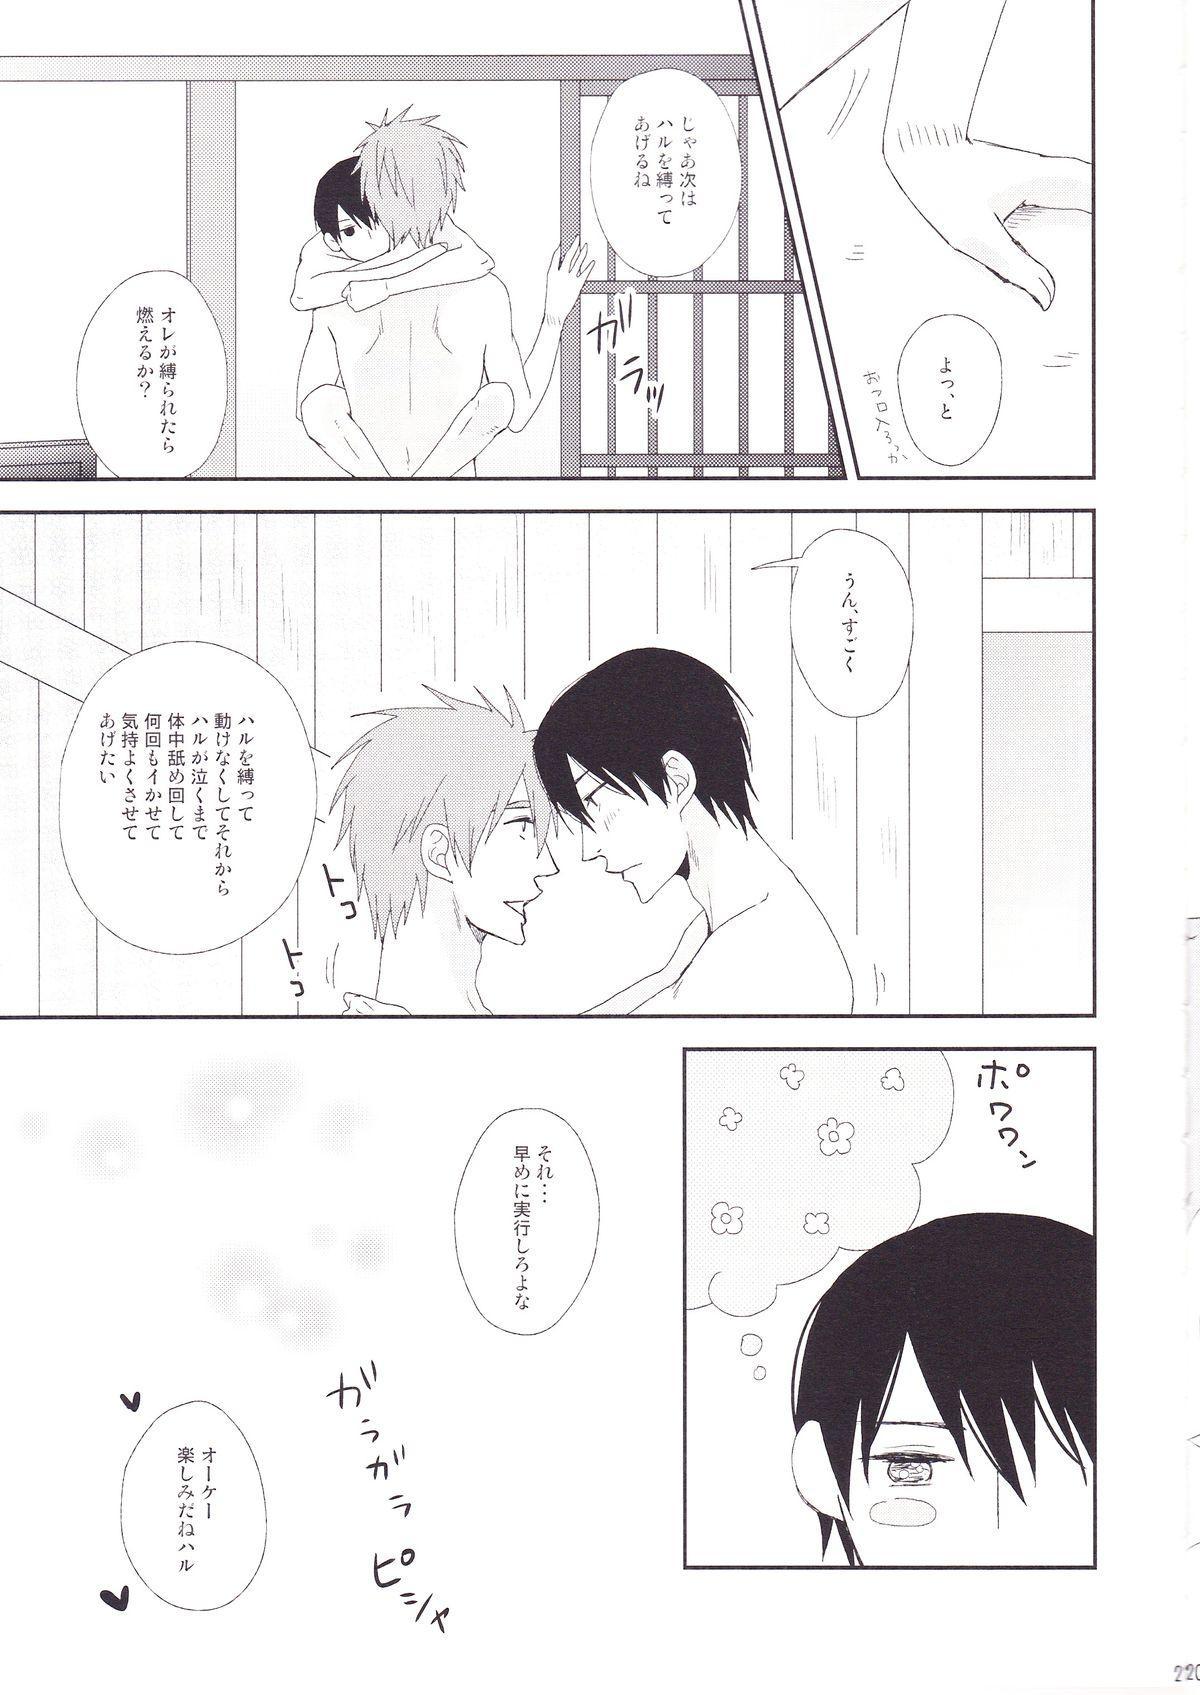 Koi no nawa shikakemashou 20